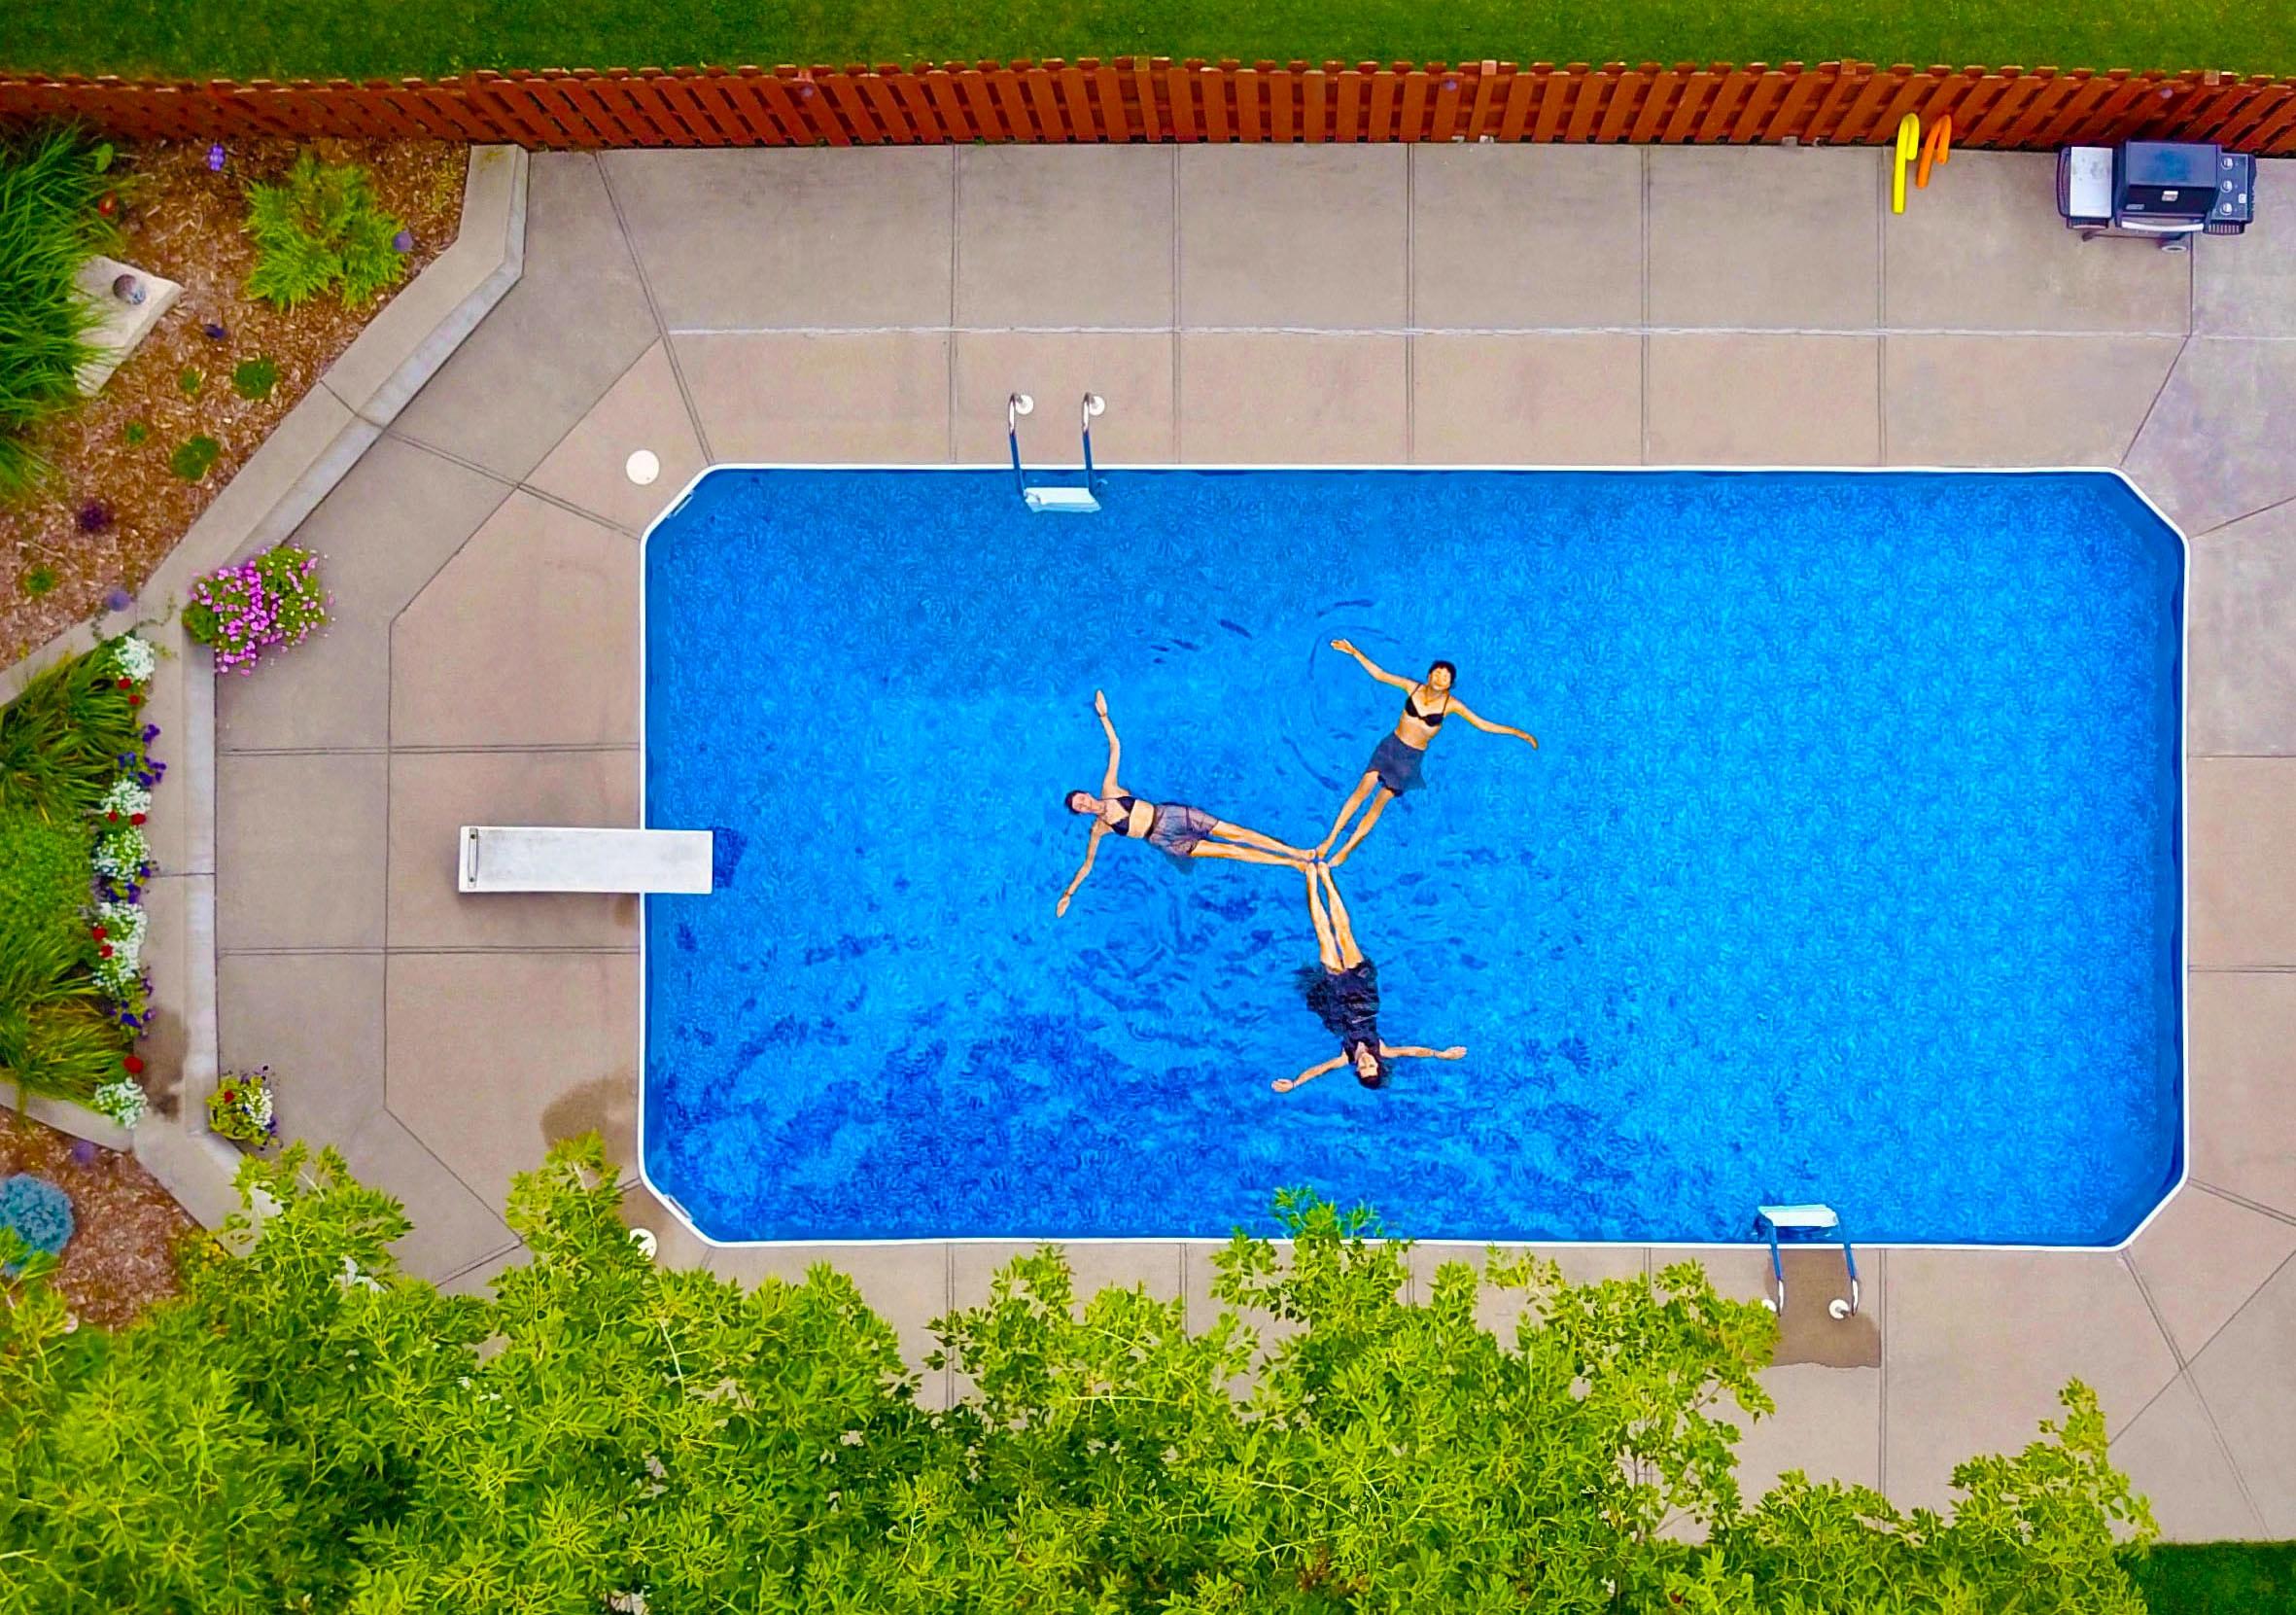 bruce christianson EpJeJM8g uQ unsplash - Få opfyldt drømmen om egen swimmingpool i haven